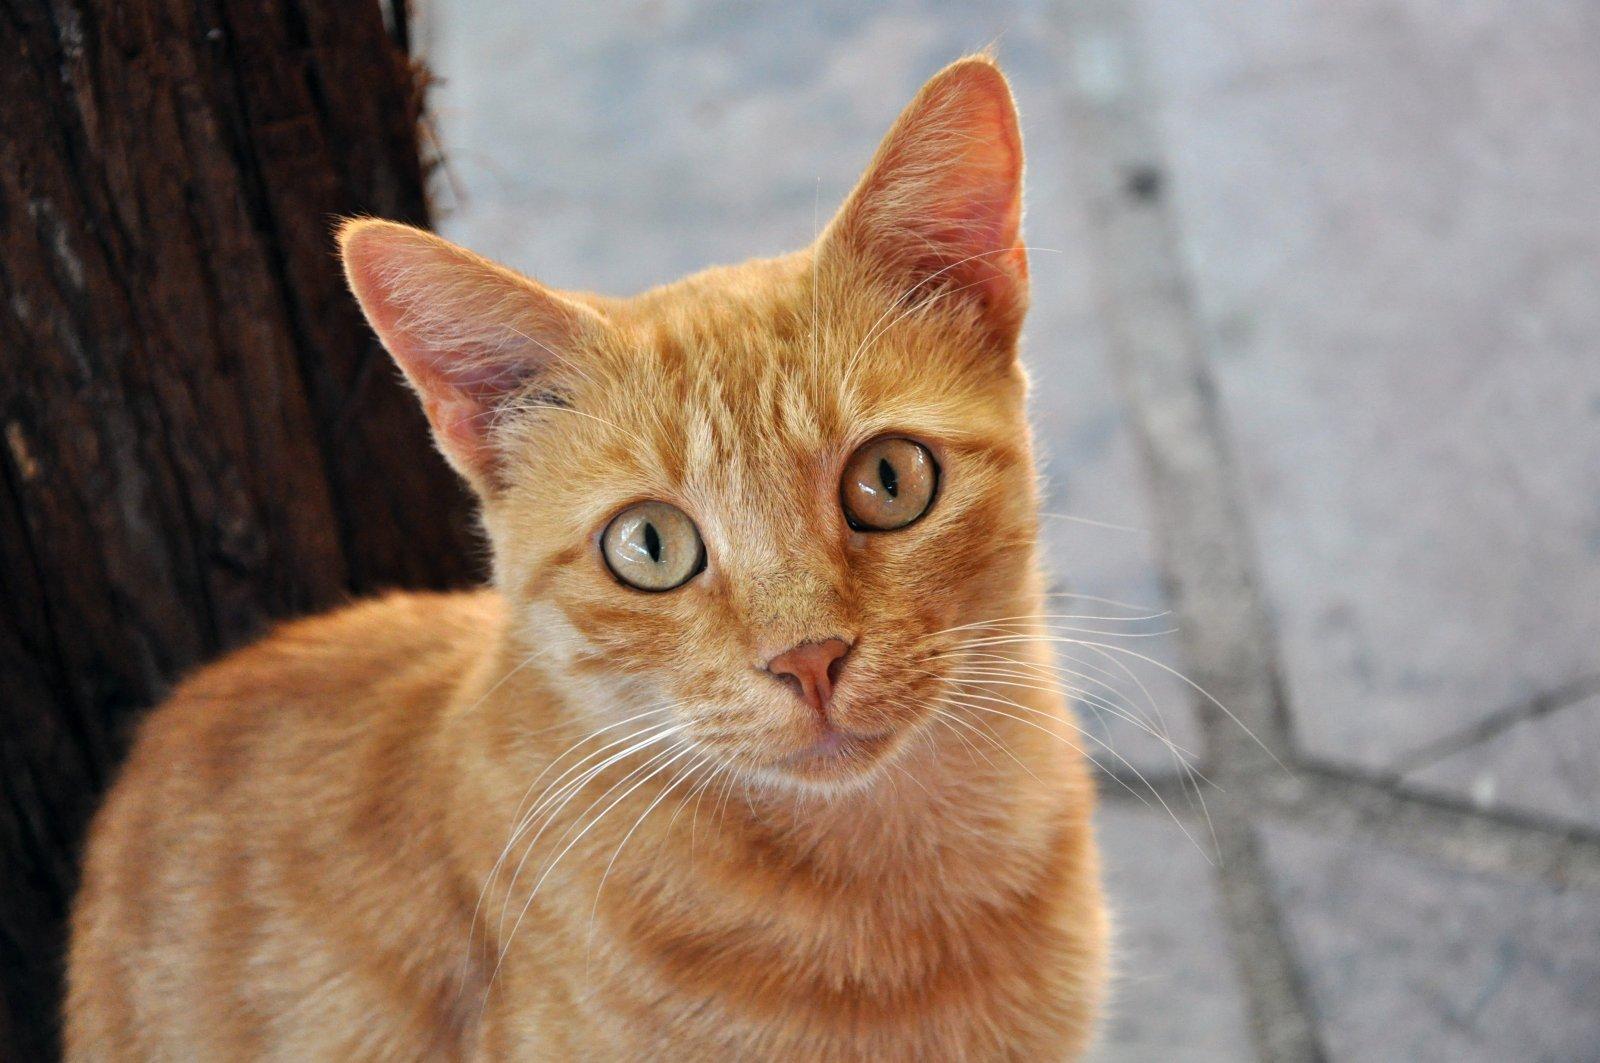 7 atitudes de um dono responsável de gato – Clínica Veterinária Vida Animal  24h – Betim